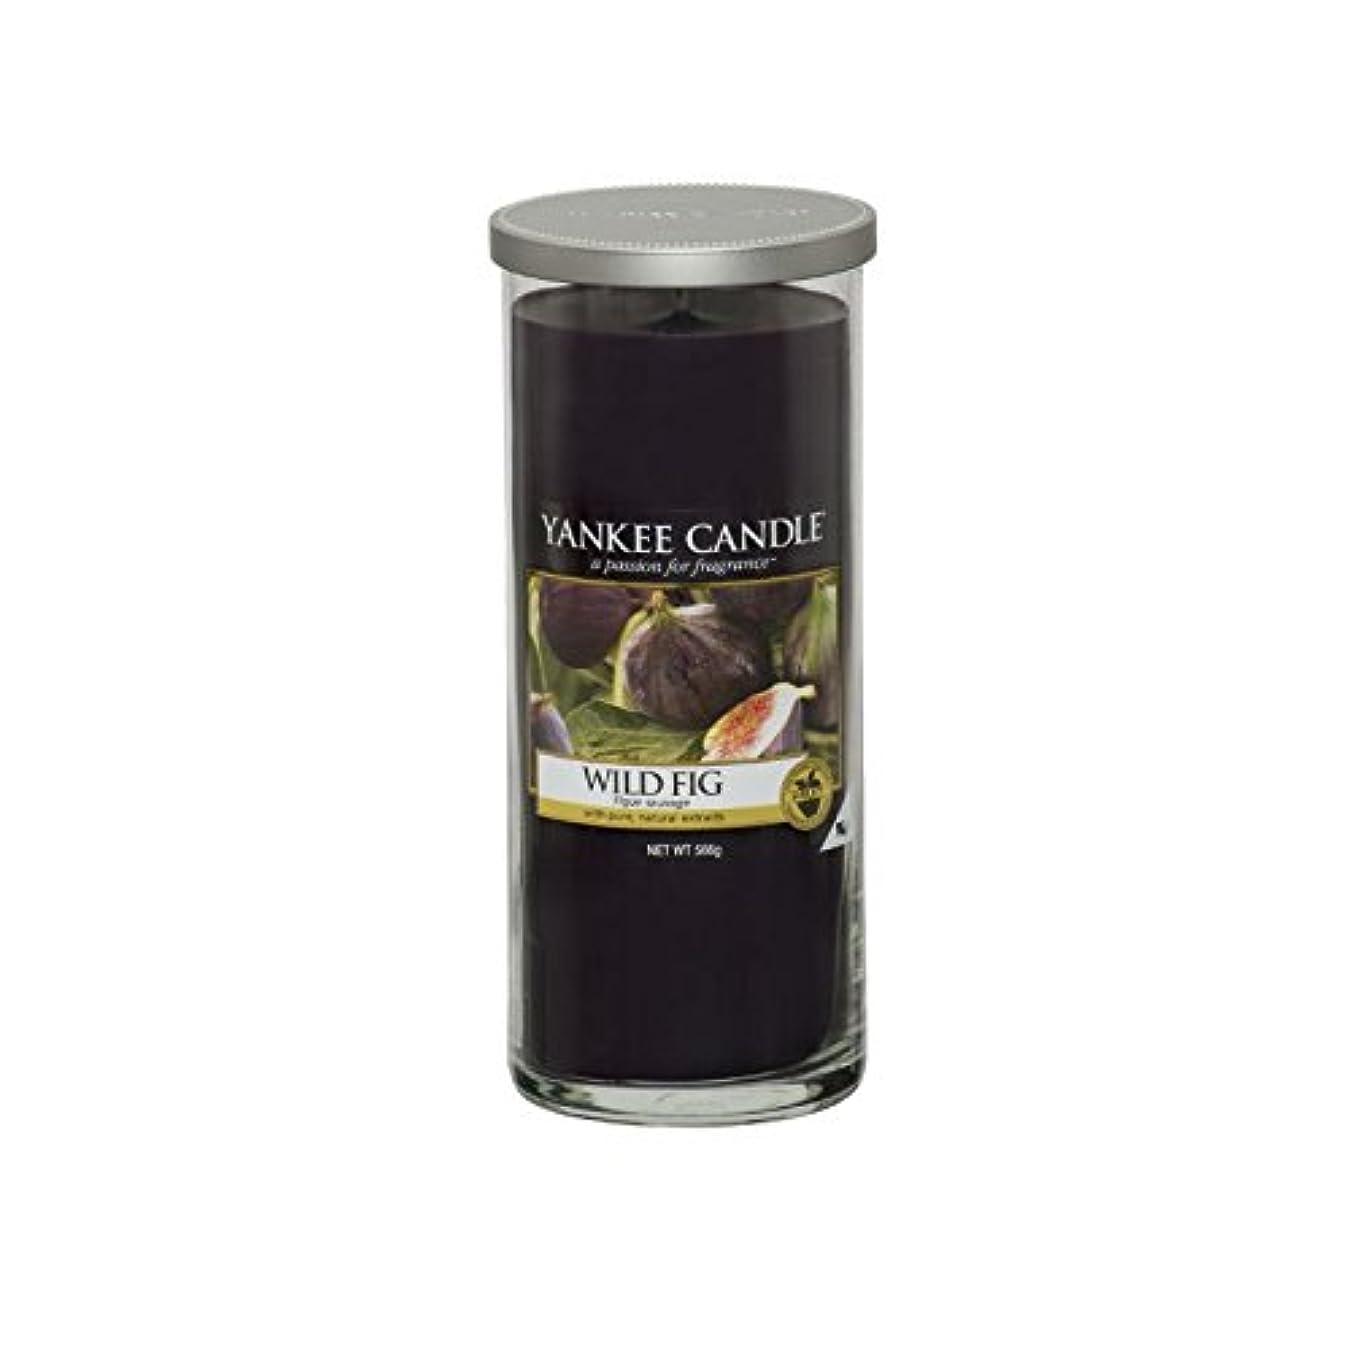 小石カフェテリア振りかけるヤンキーキャンドル大きな柱キャンドル - 野生のイチジク - Yankee Candles Large Pillar Candle - Wild Fig (Yankee Candles) [並行輸入品]